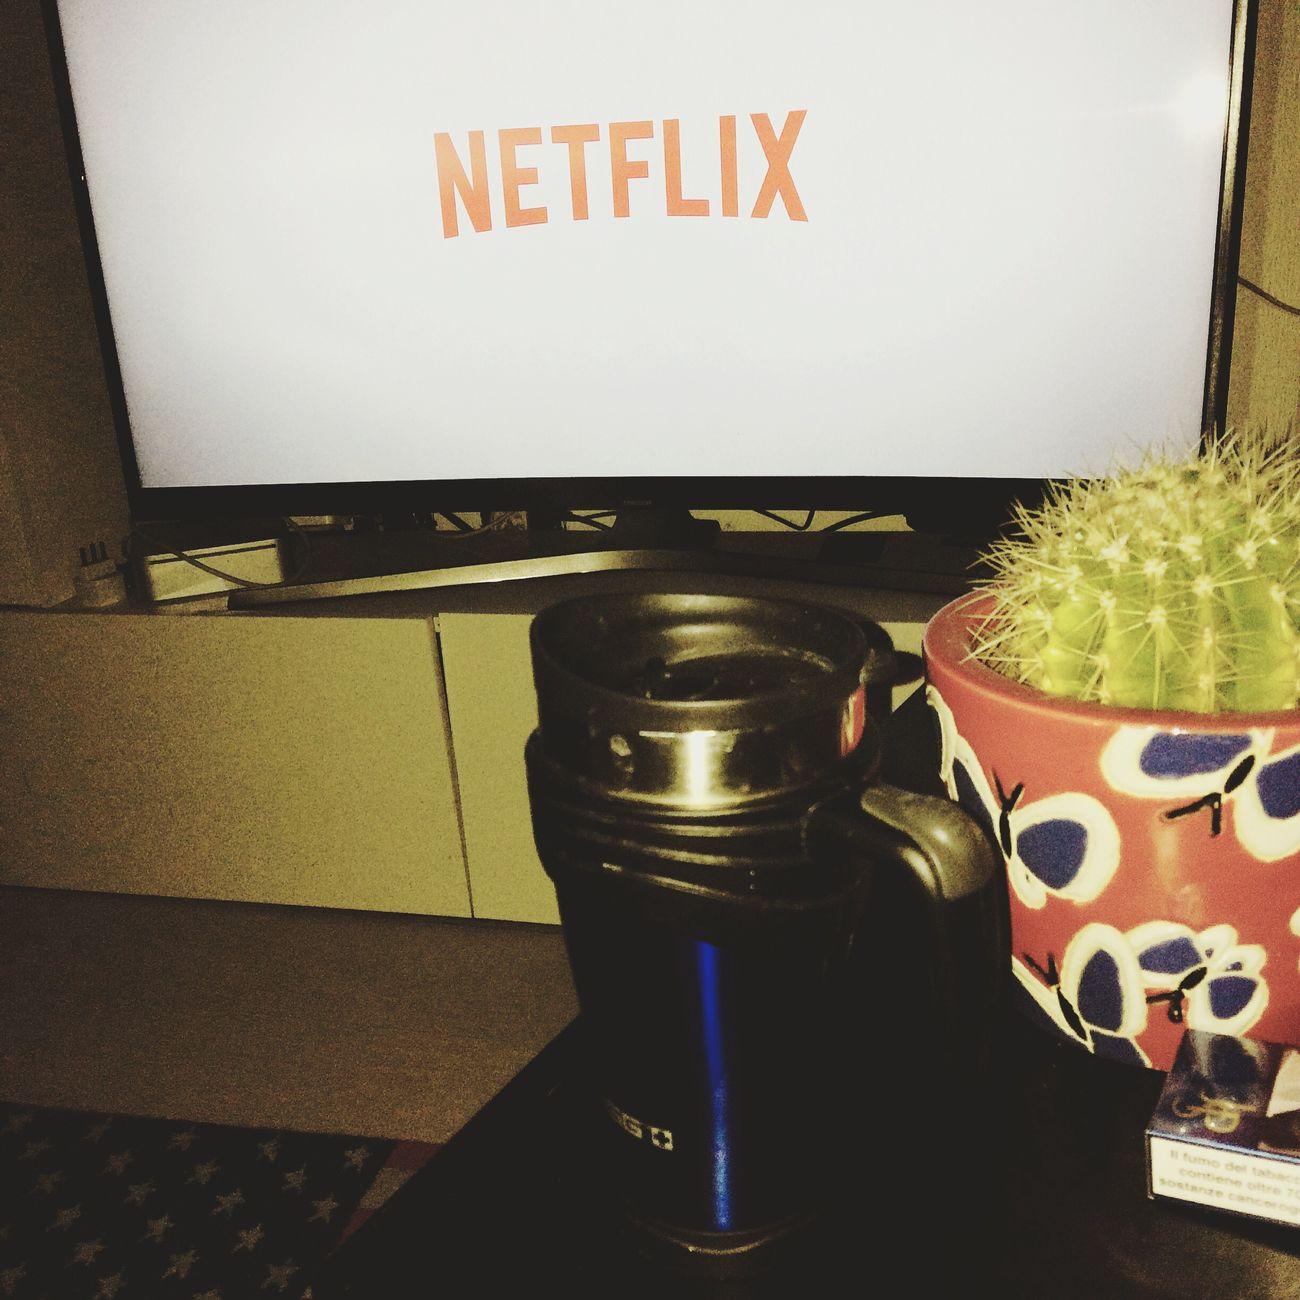 Netfix e caffè americano. Netflix CaffèAmericano caffe Photography Serietv Momentoserio Photooftheday Photographer